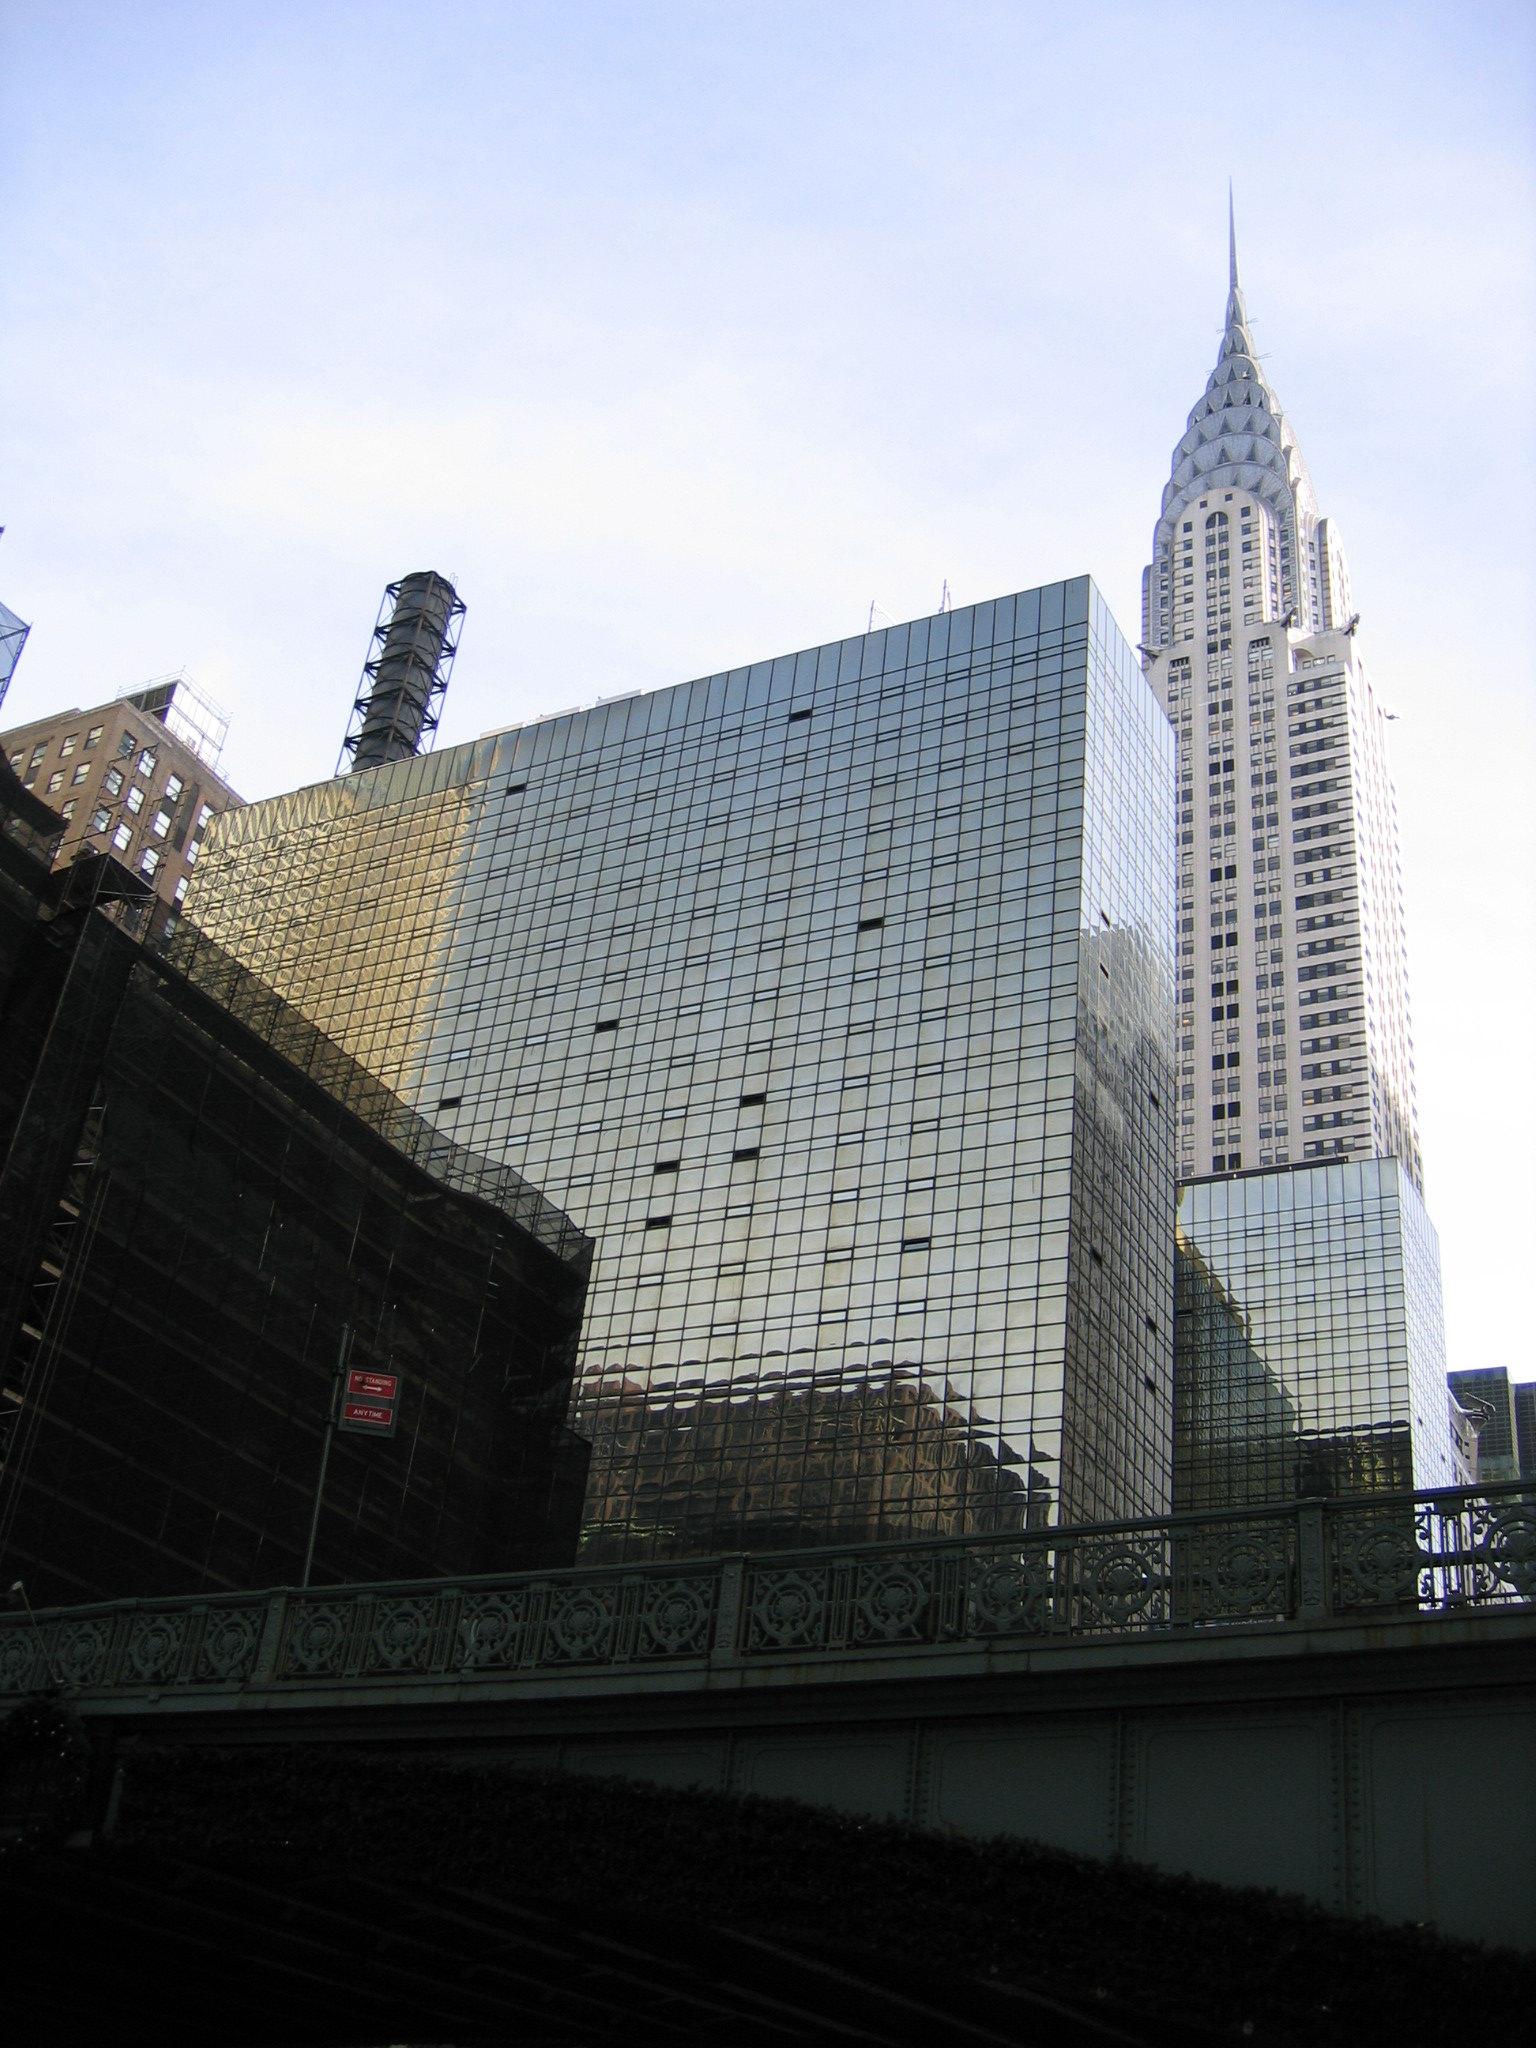 克萊斯勒大樓---- 位於曼哈顿中城 42街與列星頓大道交口 在紐約市樓高爭奪戰中 克萊斯勒 以風格獨具取勝 全球首座以不鏽鋼建材 運用在外觀的建築 大樓頂端 酷似太陽光束的設計 是1930年一款克萊斯勒汽車的冷卻器蓋子 以汽車輪胎為構想 五排不銹鋼的拱形 往上逐漸縮小 每排拱形鑲嵌三角窗 呈鋸齒狀排列 高聳的尖塔 成為這棟不朽建築的焦點 和風麗日時 尖頂反射陽光 發出耀眼的光芒 也讓這座藝術風格獨具的摩天大樓 成為當代建筑师 票選為纽约市最好的建築 的第九名 逛過布萊恩公園 中央車站 順著42街東行 捕